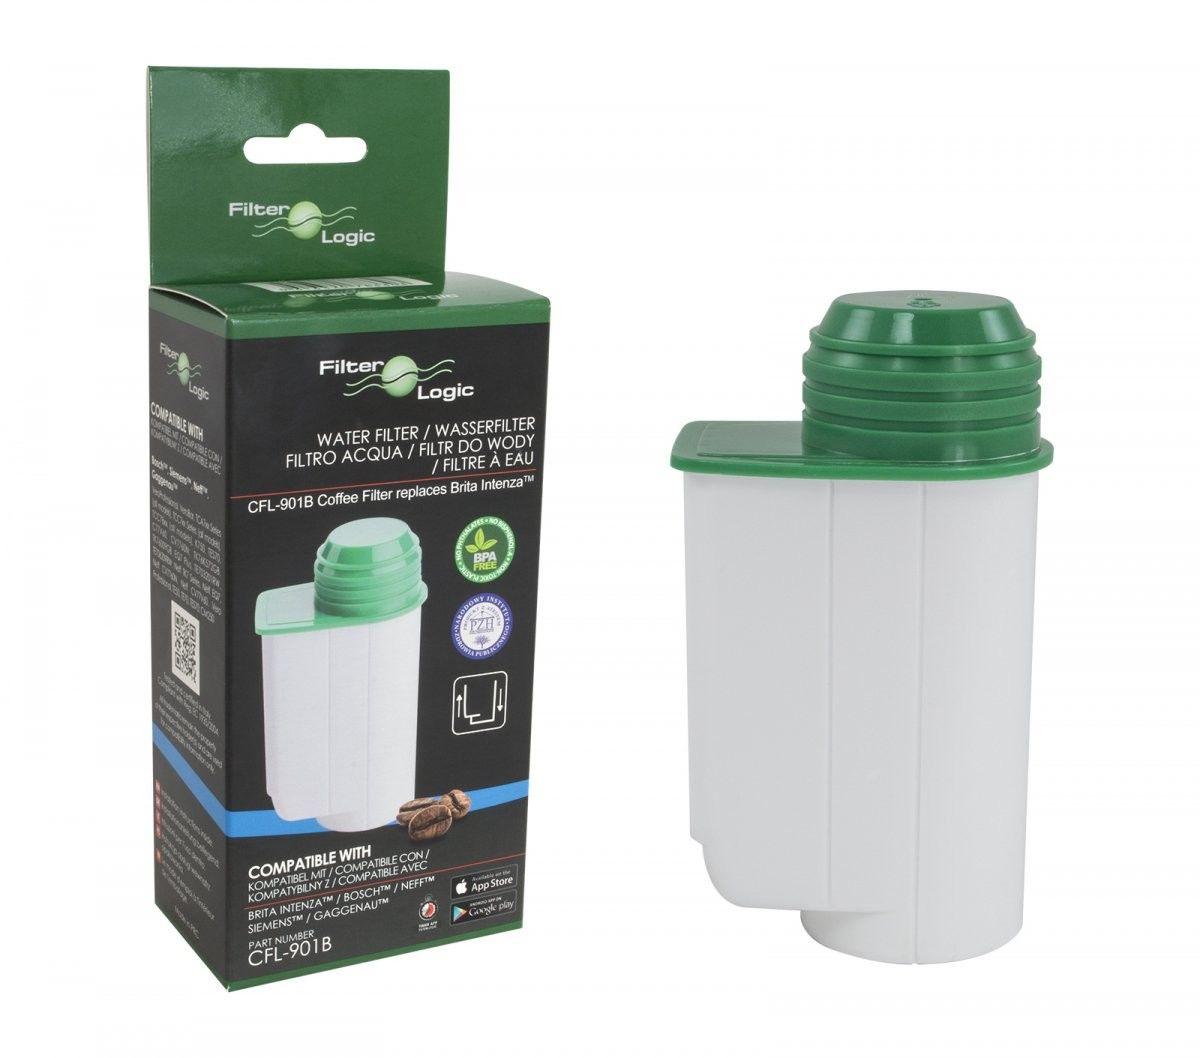 Filtr wody Brita Intenza TZ70003 ekspresu do kawy i ekspresu przelewowego 5szt FilterLogic